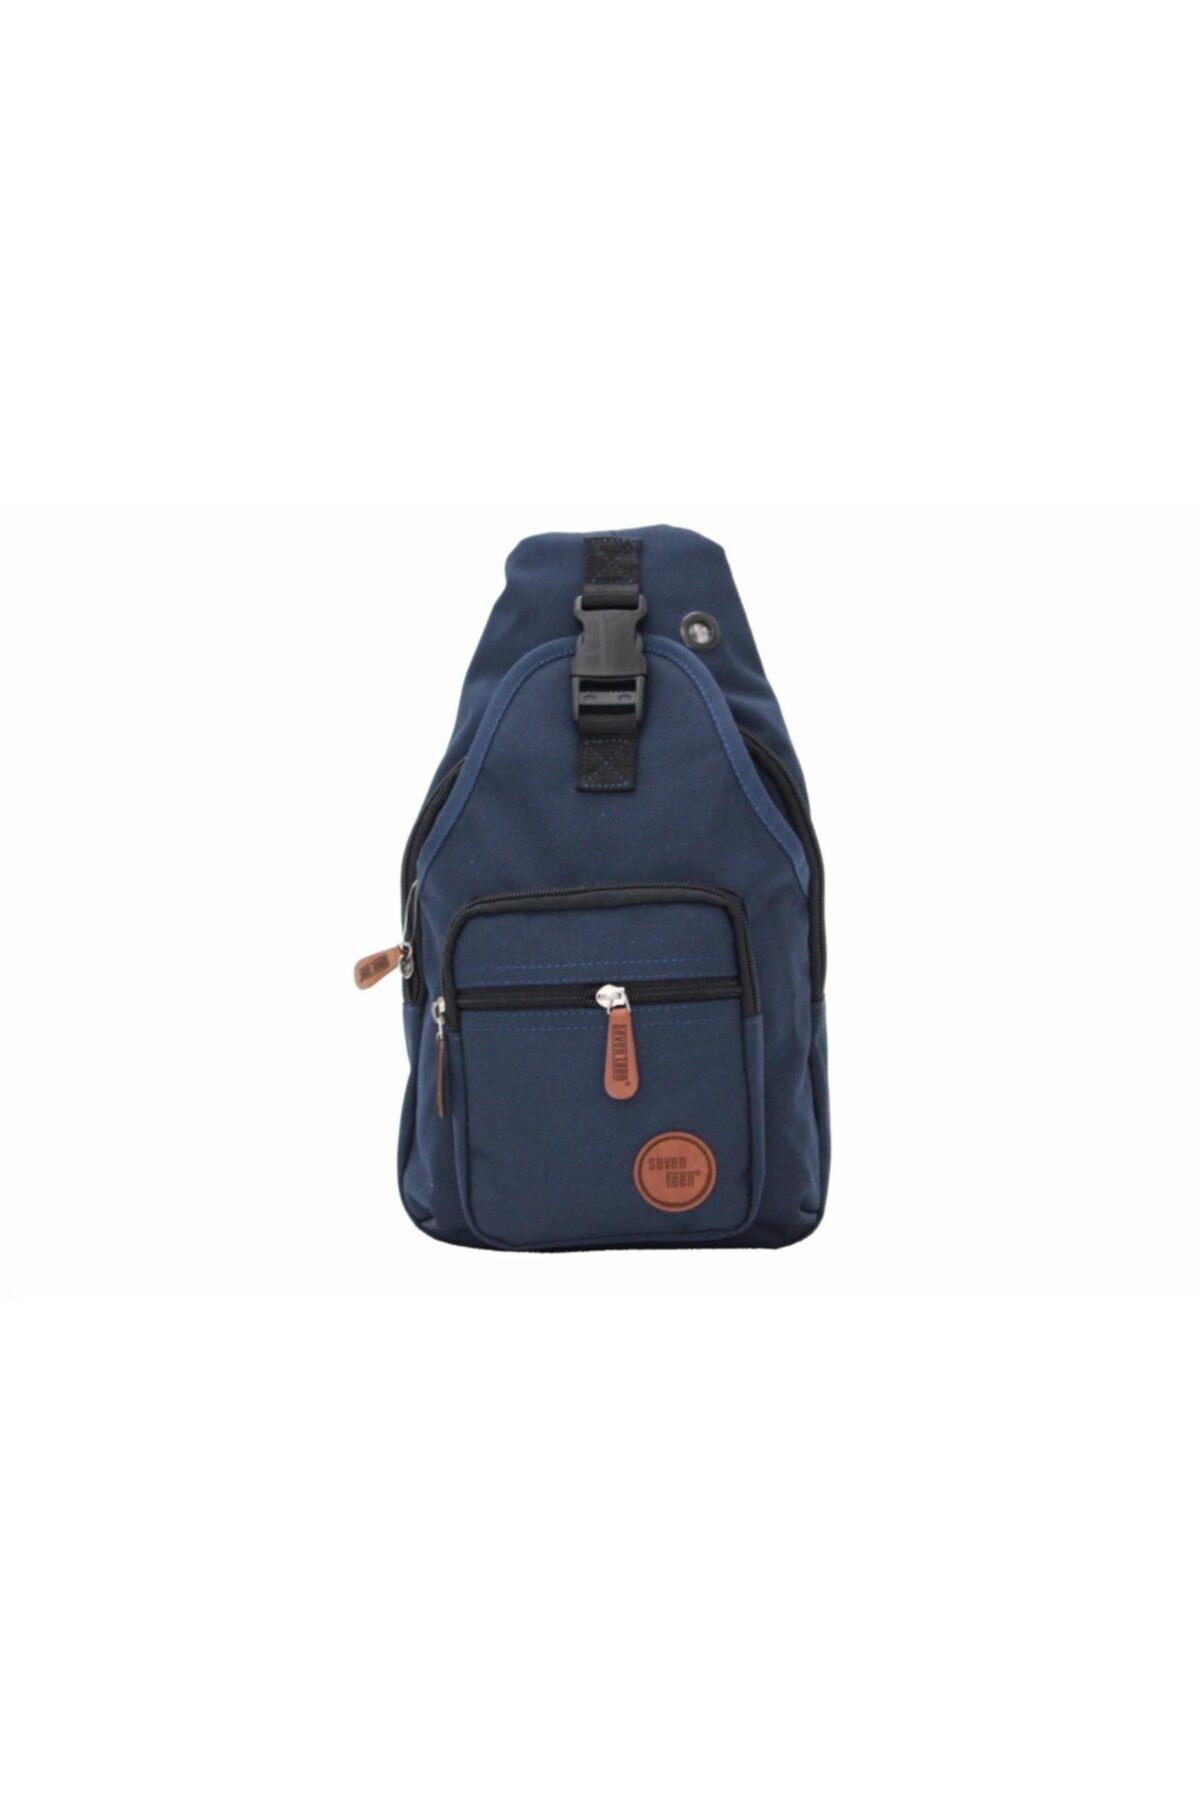 SEVENTEEN 2213 Tek Omuz Askılı Sırt - Göğüs Çantası - Body Bag 2